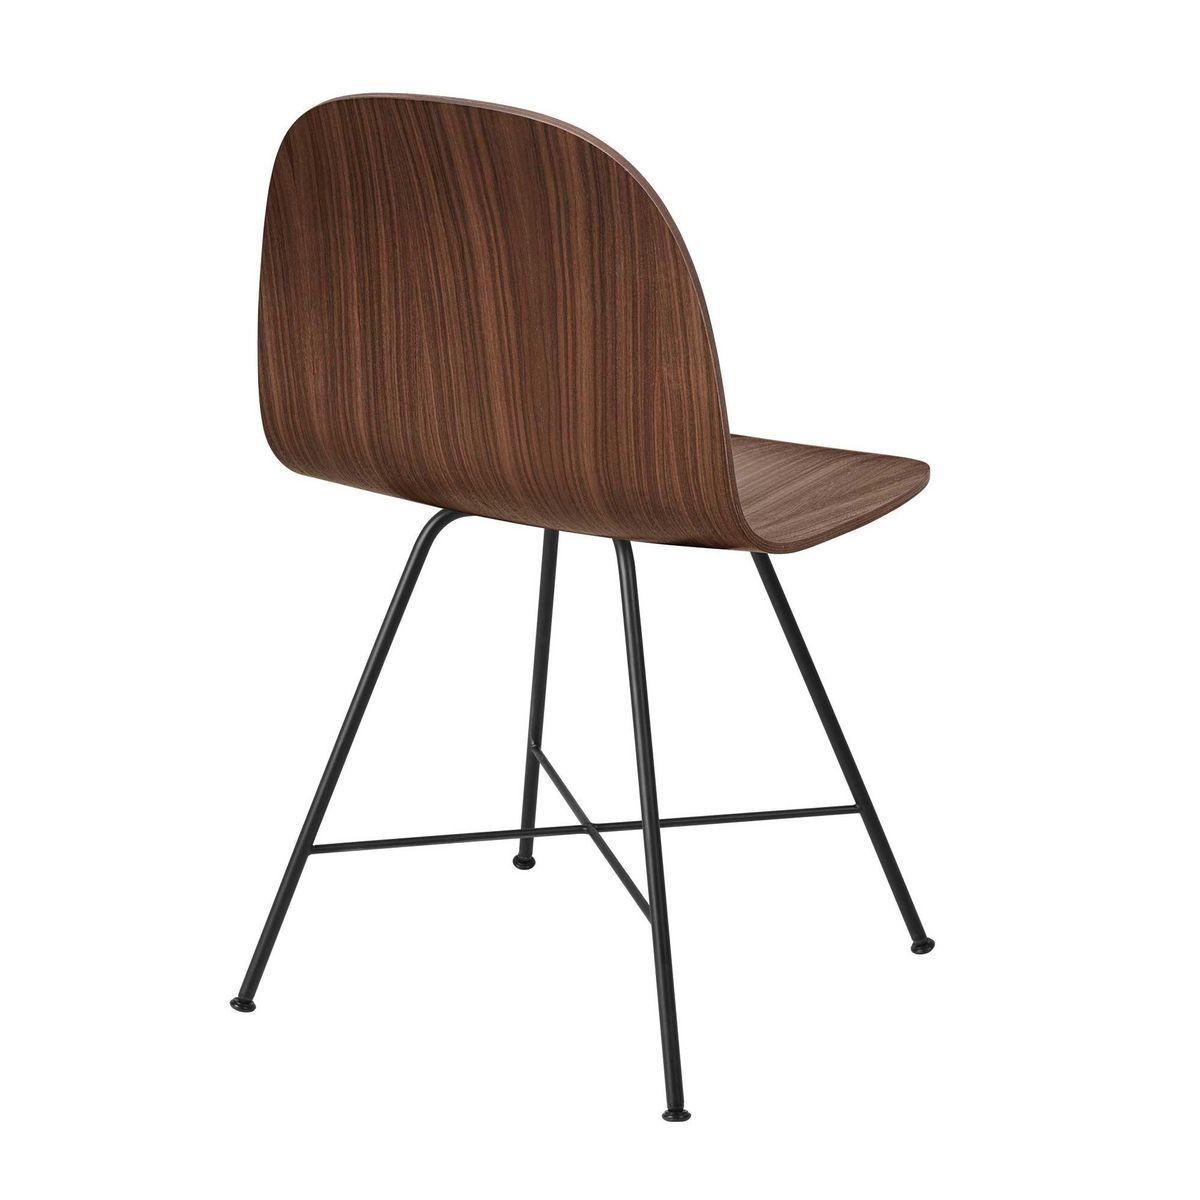 gubi 2d dining chair chaise gubi. Black Bedroom Furniture Sets. Home Design Ideas